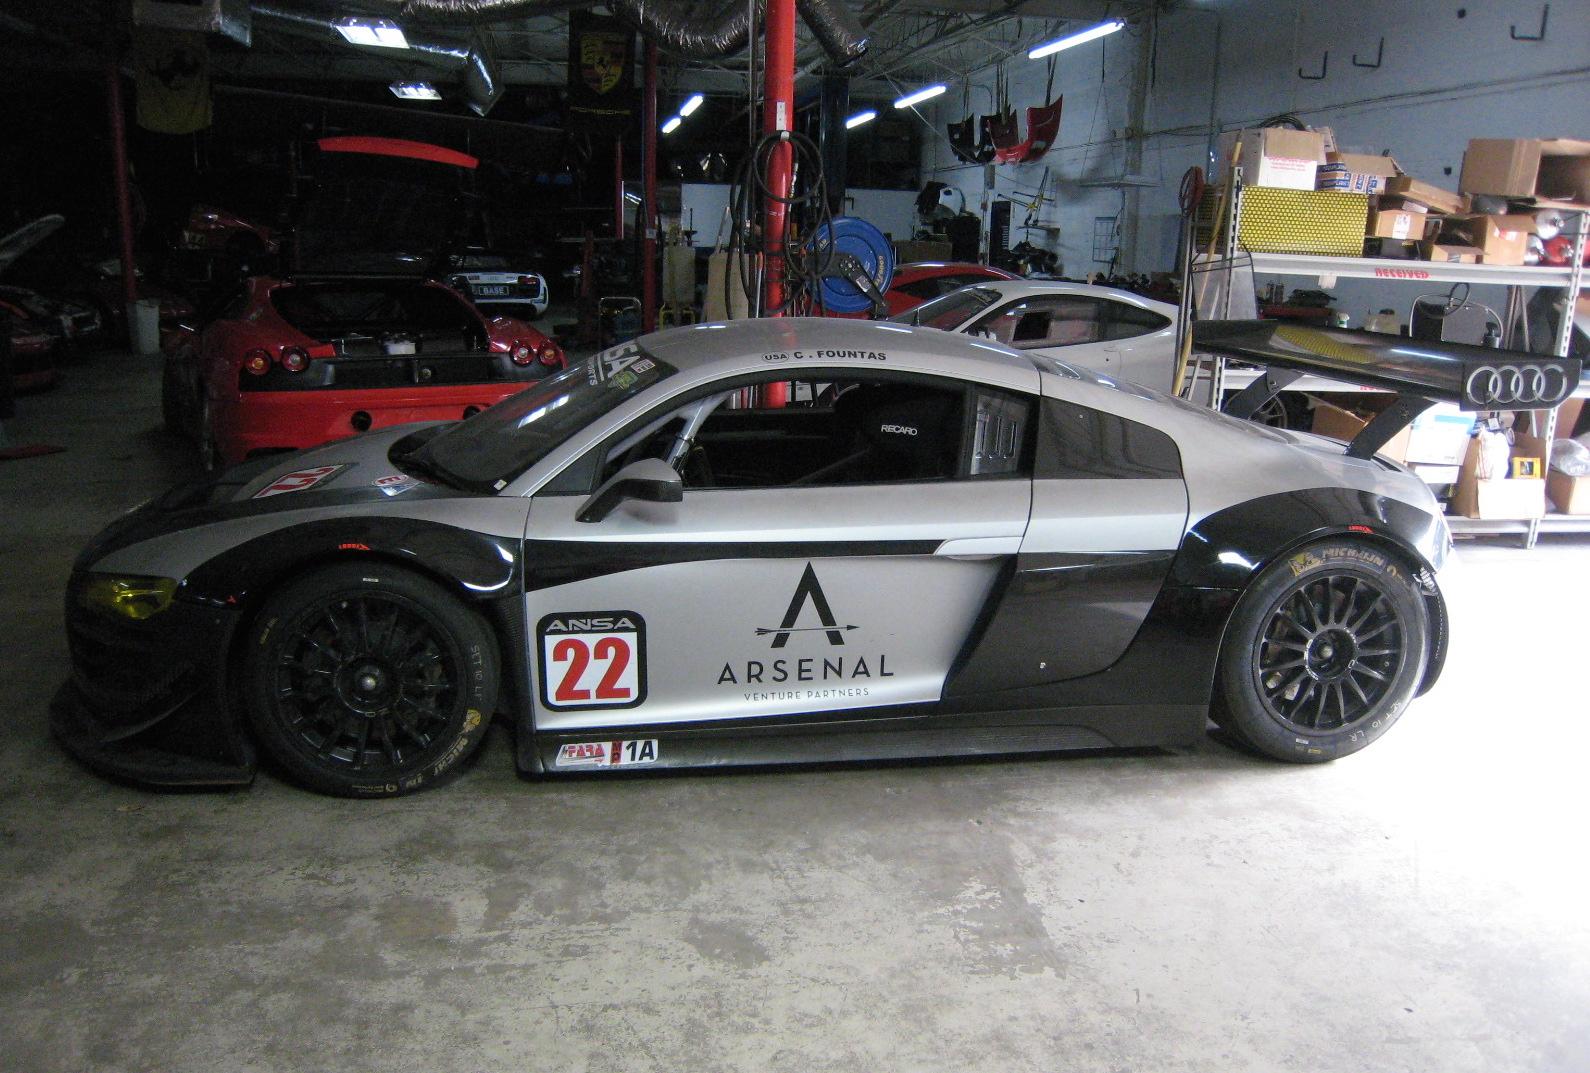 2010 Audi R8 Lms Gt3 Race Car Exotic Car List